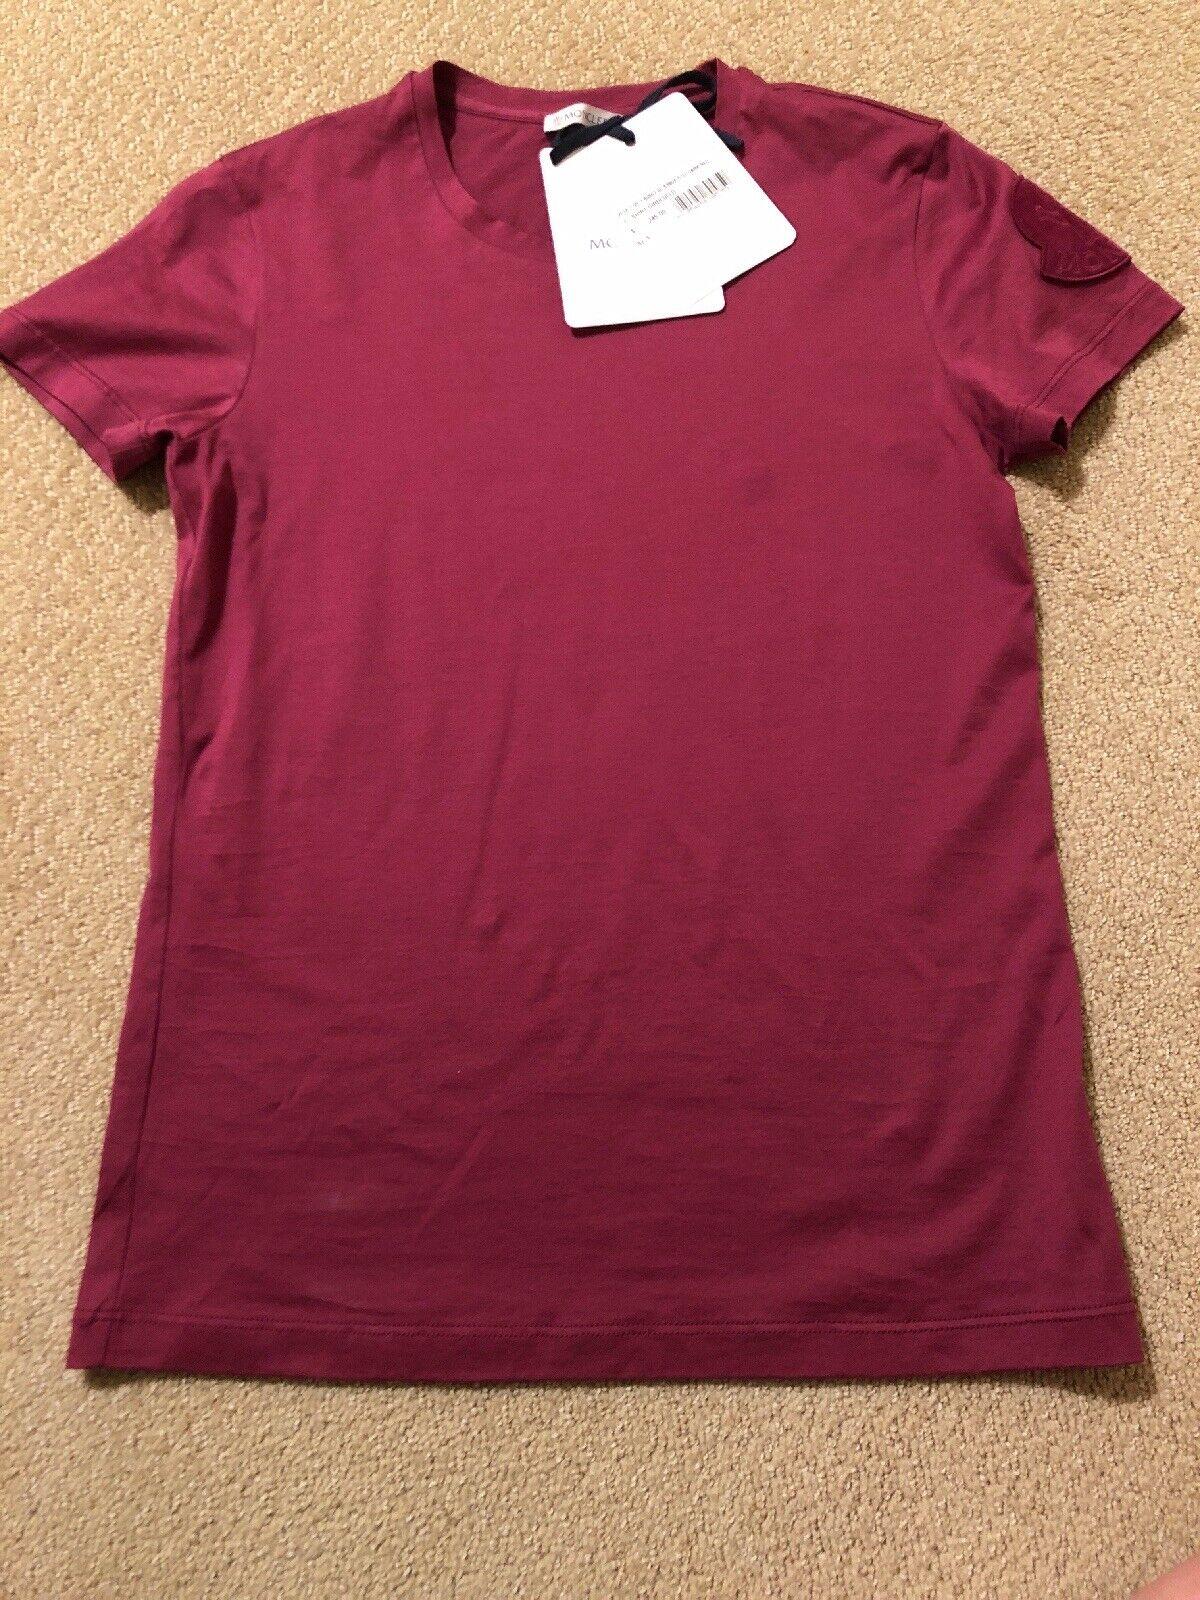 NEW  100% Authentic MONCLER Woherren Cotton Top T-Shirt, Größe S